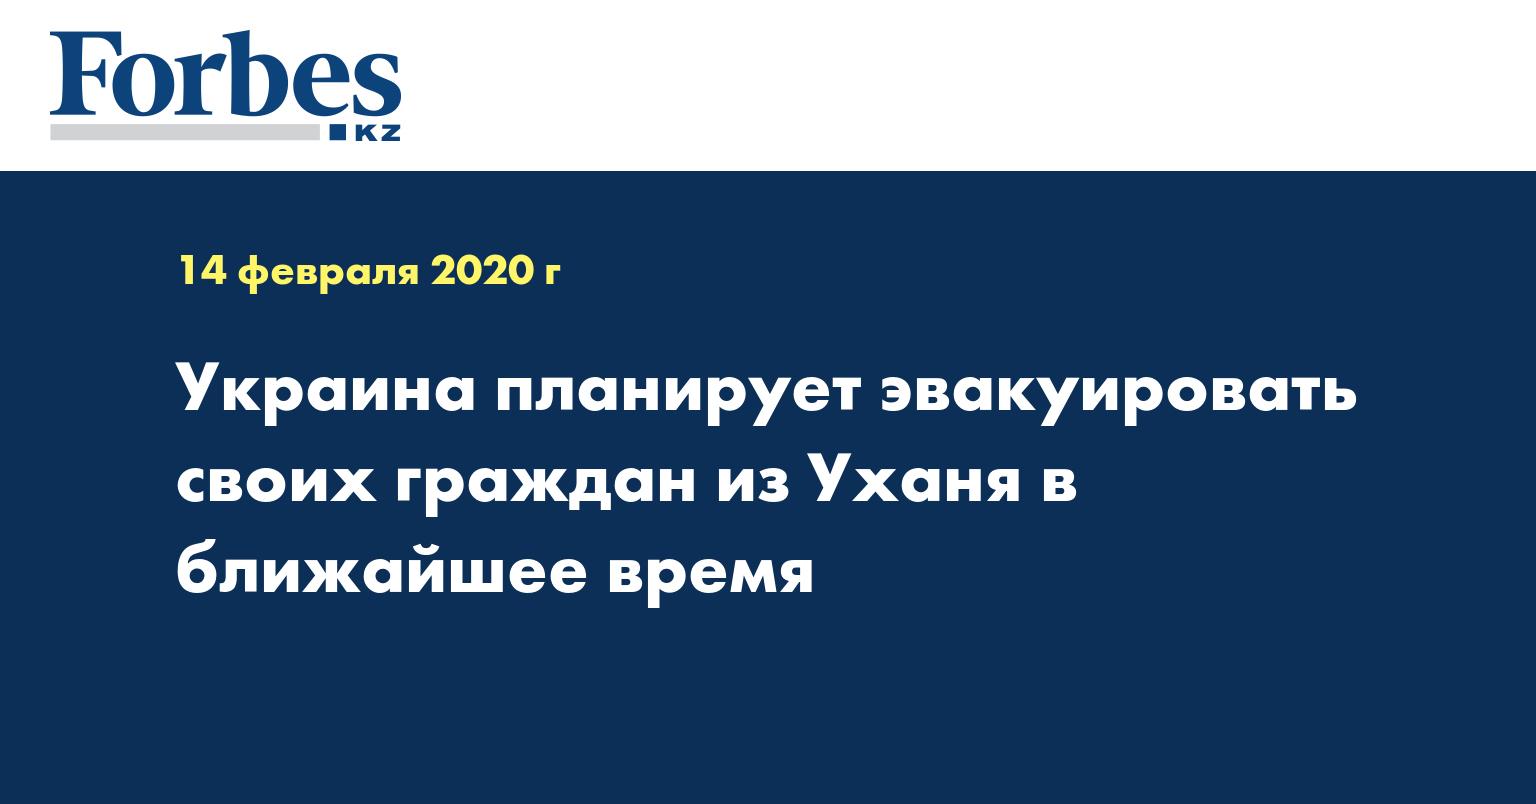 Украина планирует эвакуировать своих граждан из Уханя в ближайшее время